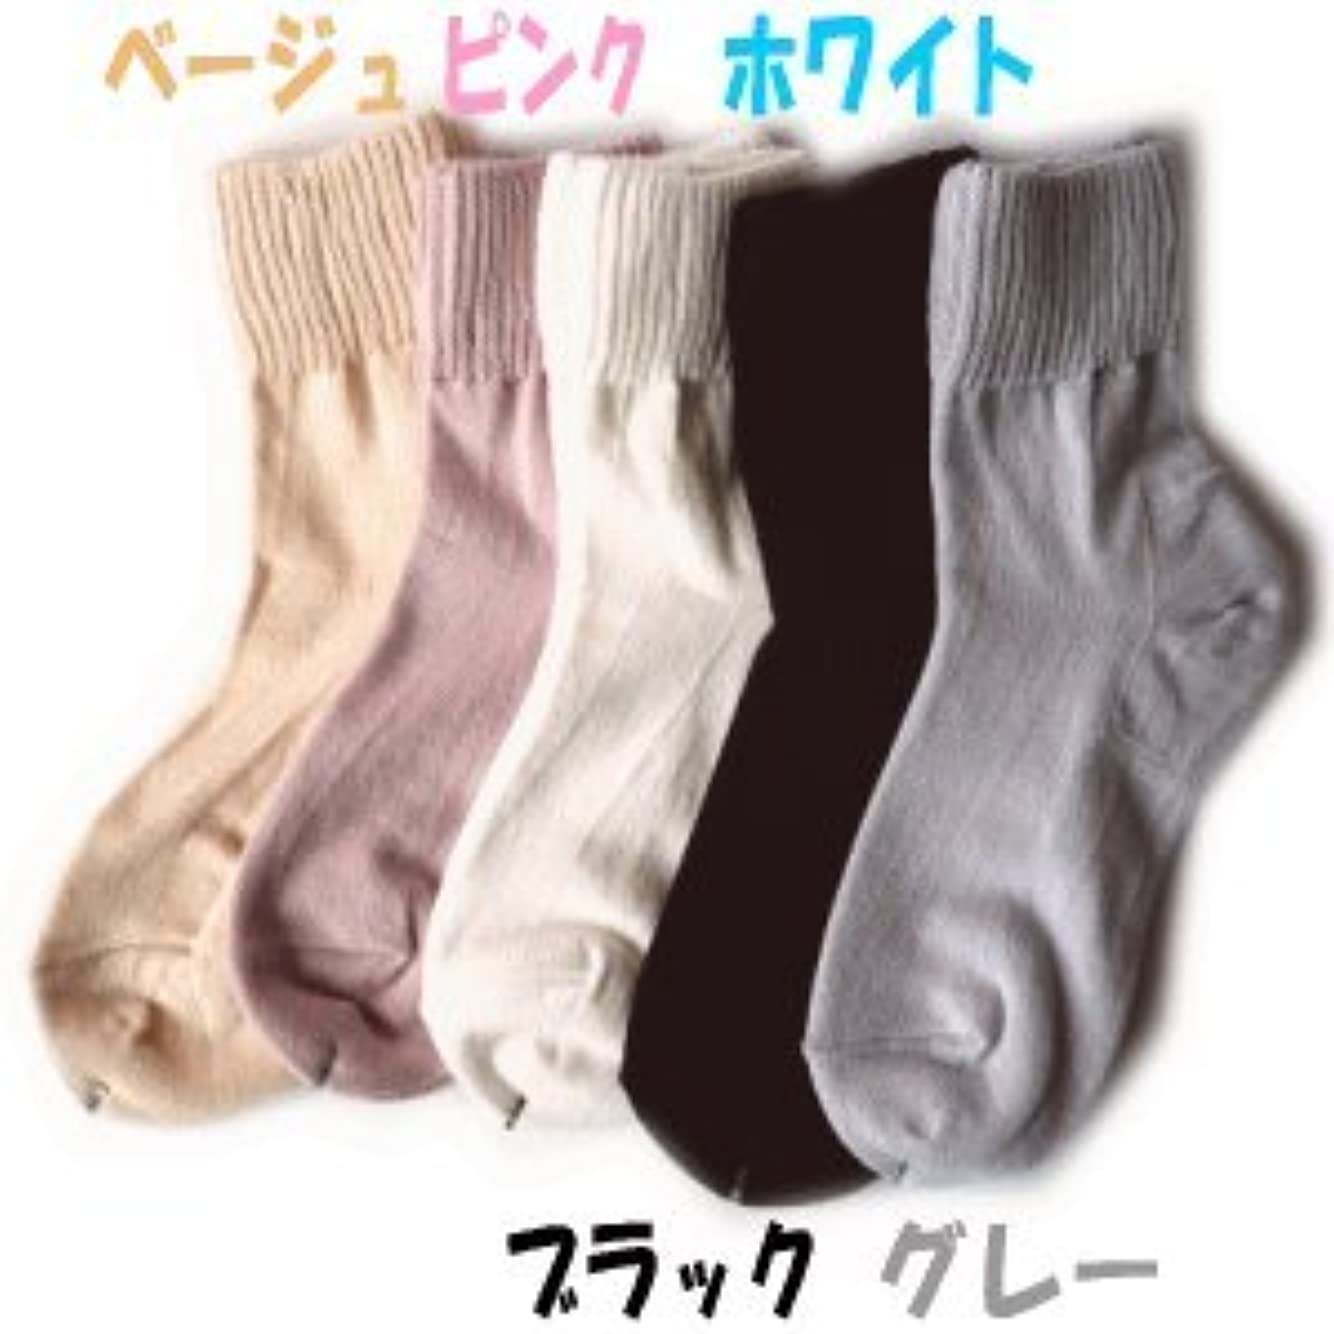 不機嫌蜂思いつく薄手 ゆったり かかと ツルツル 靴下 ピンク 角質ケア ひび割れ対策 22-24cm 太陽ニット 574